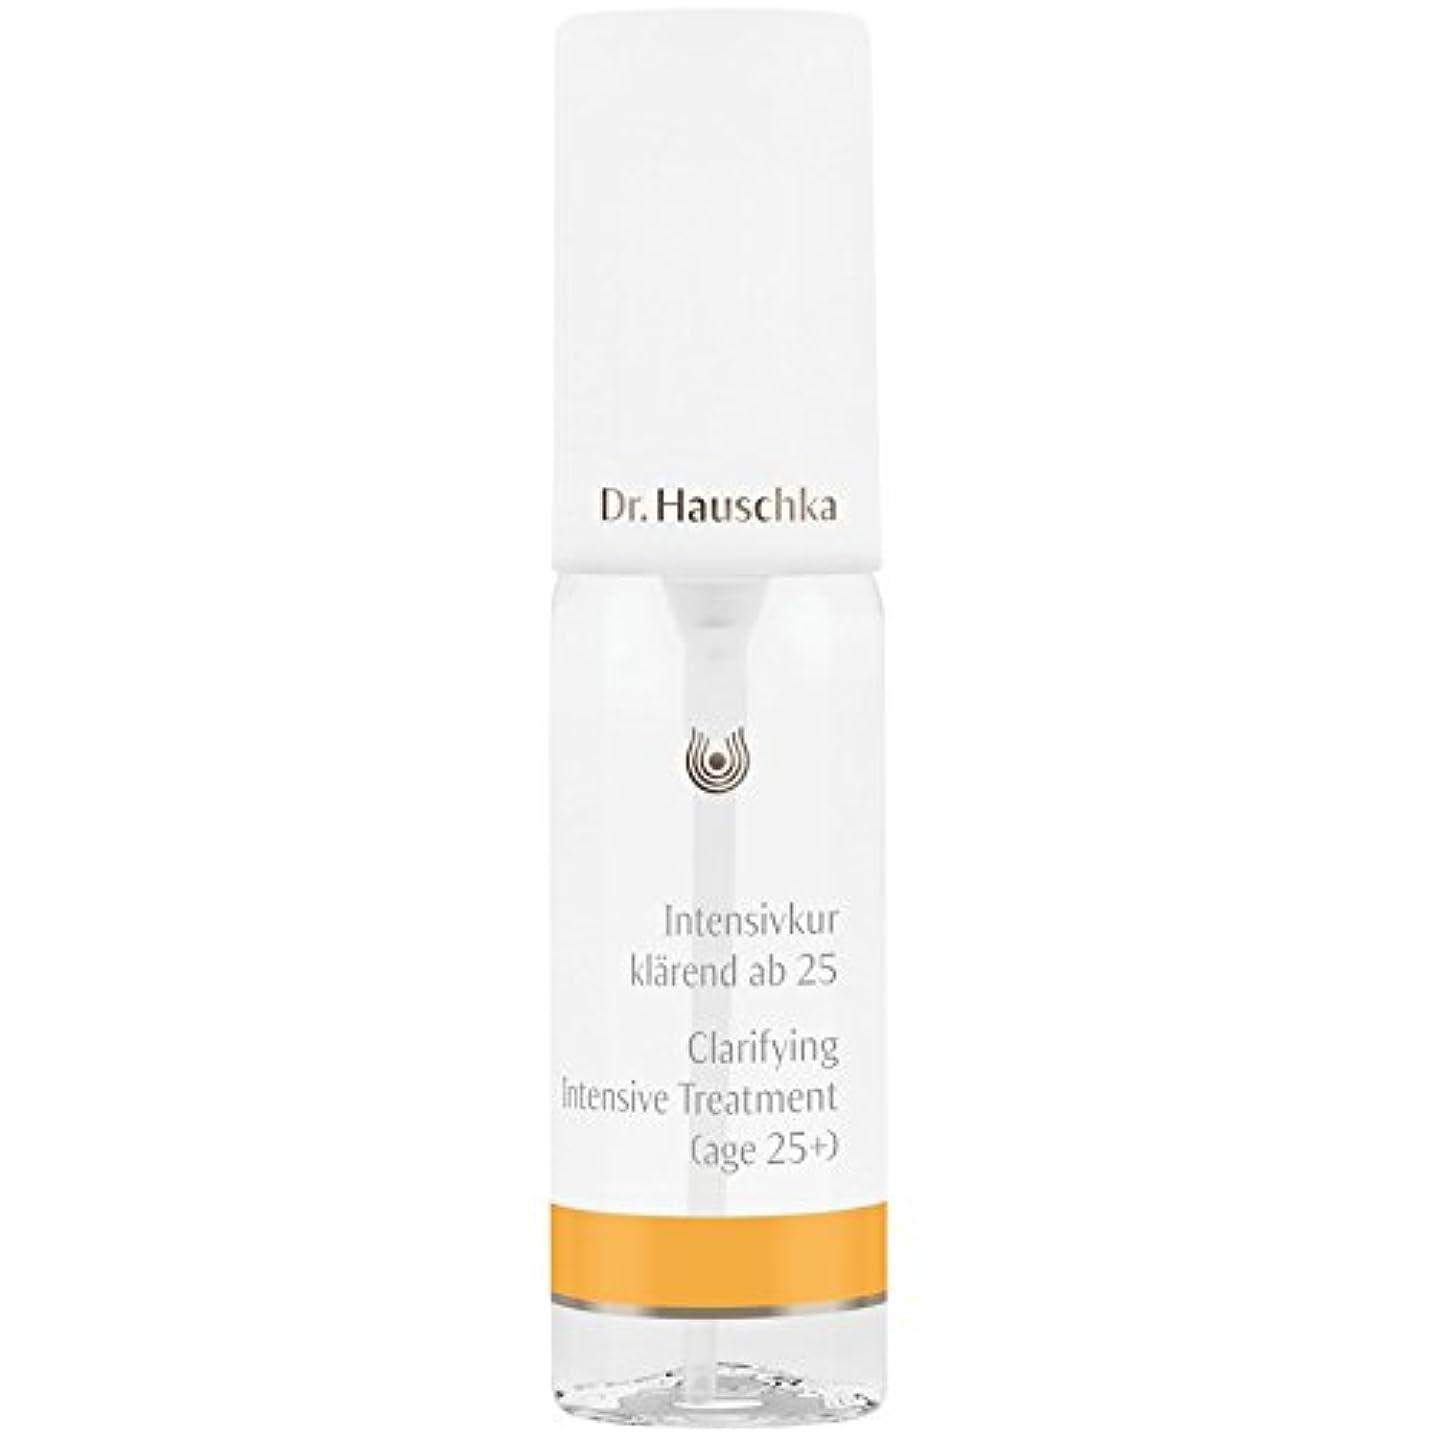 進行中スポンサー所有者[Dr Hauschka] 25+ 02 40ミリリットルのための集中治療を明確化のDrハウシュカ - Dr Hauschka Clarifying Intensive Treatment For 25+ 02 40ml...